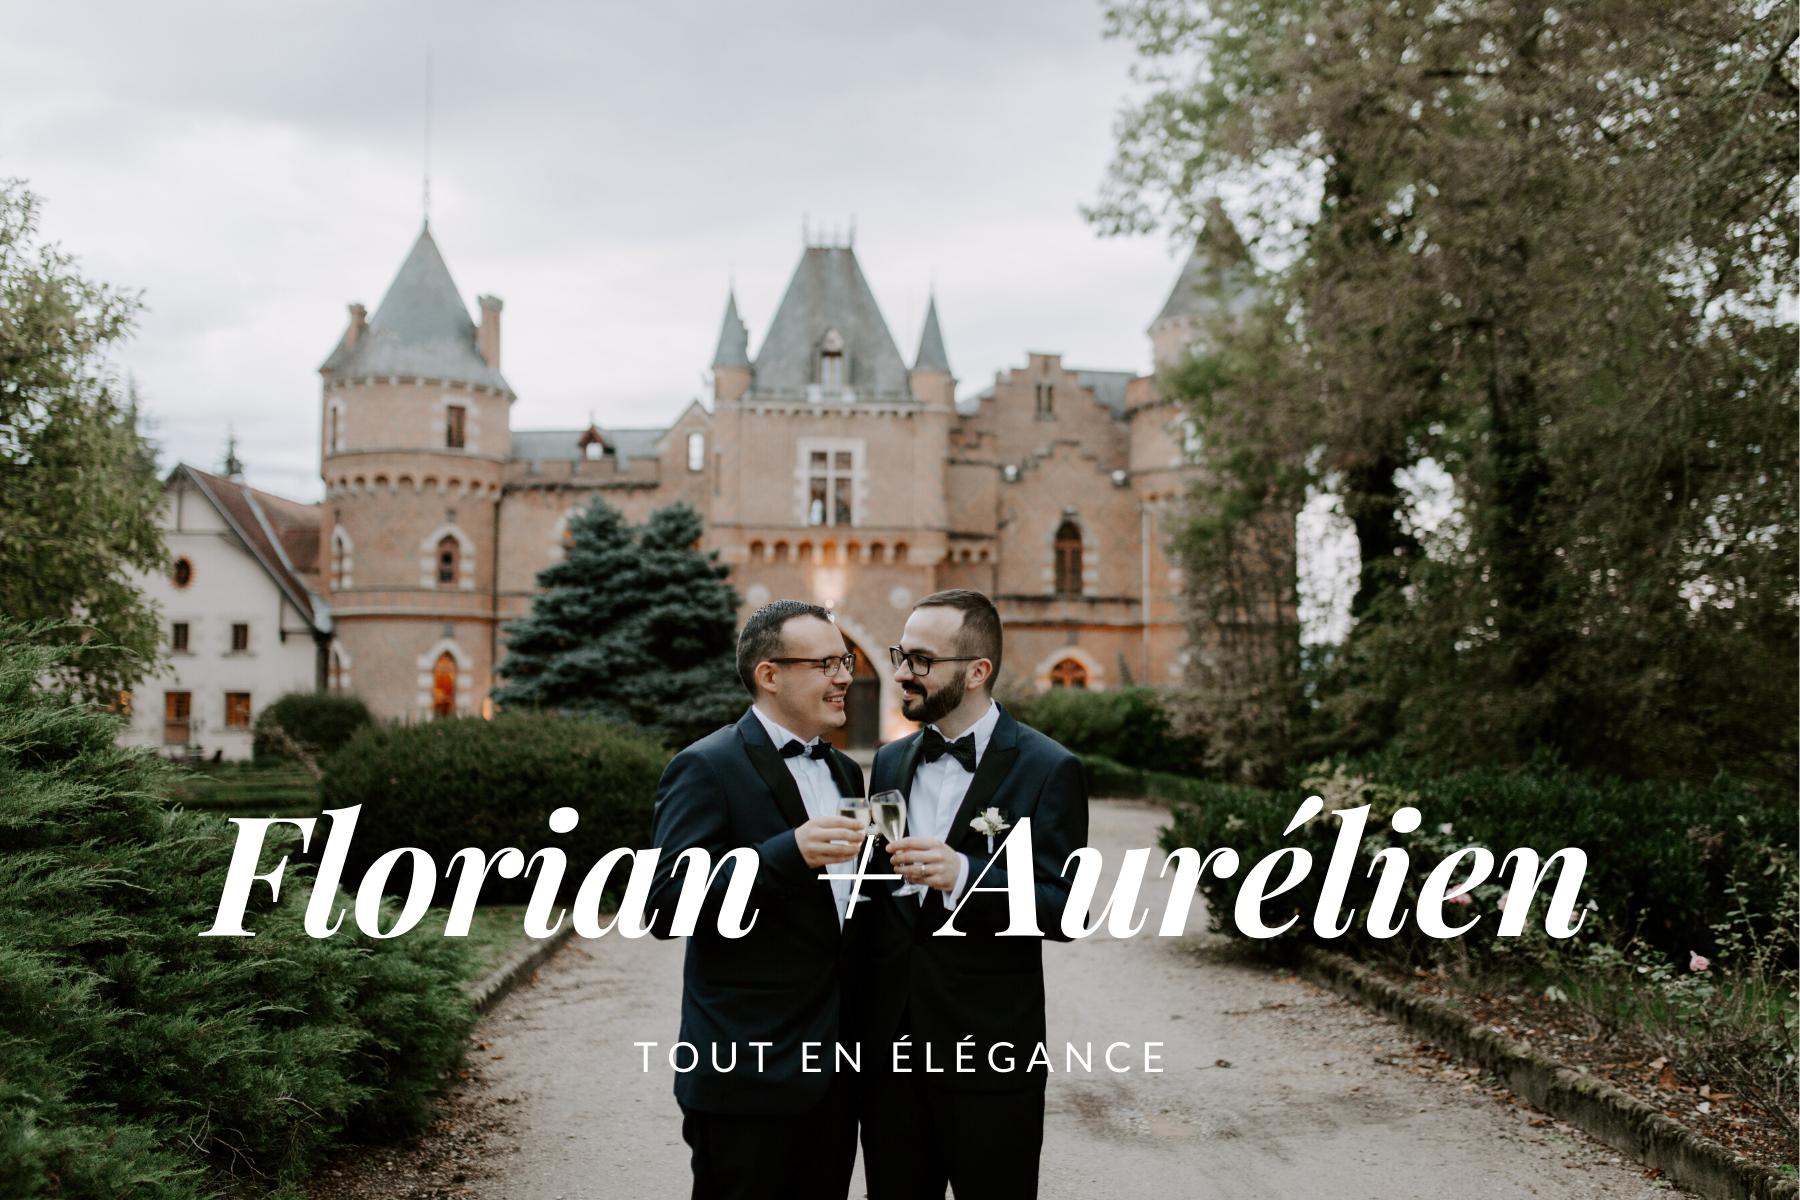 Organisation de mariage romantique et élégant au Château de Maulmont- Hera Mariage Wedding Planner - Auvergne - Puy de Dôme - Clermont-Ferrand - Allier - Haute-Loire - Cantal